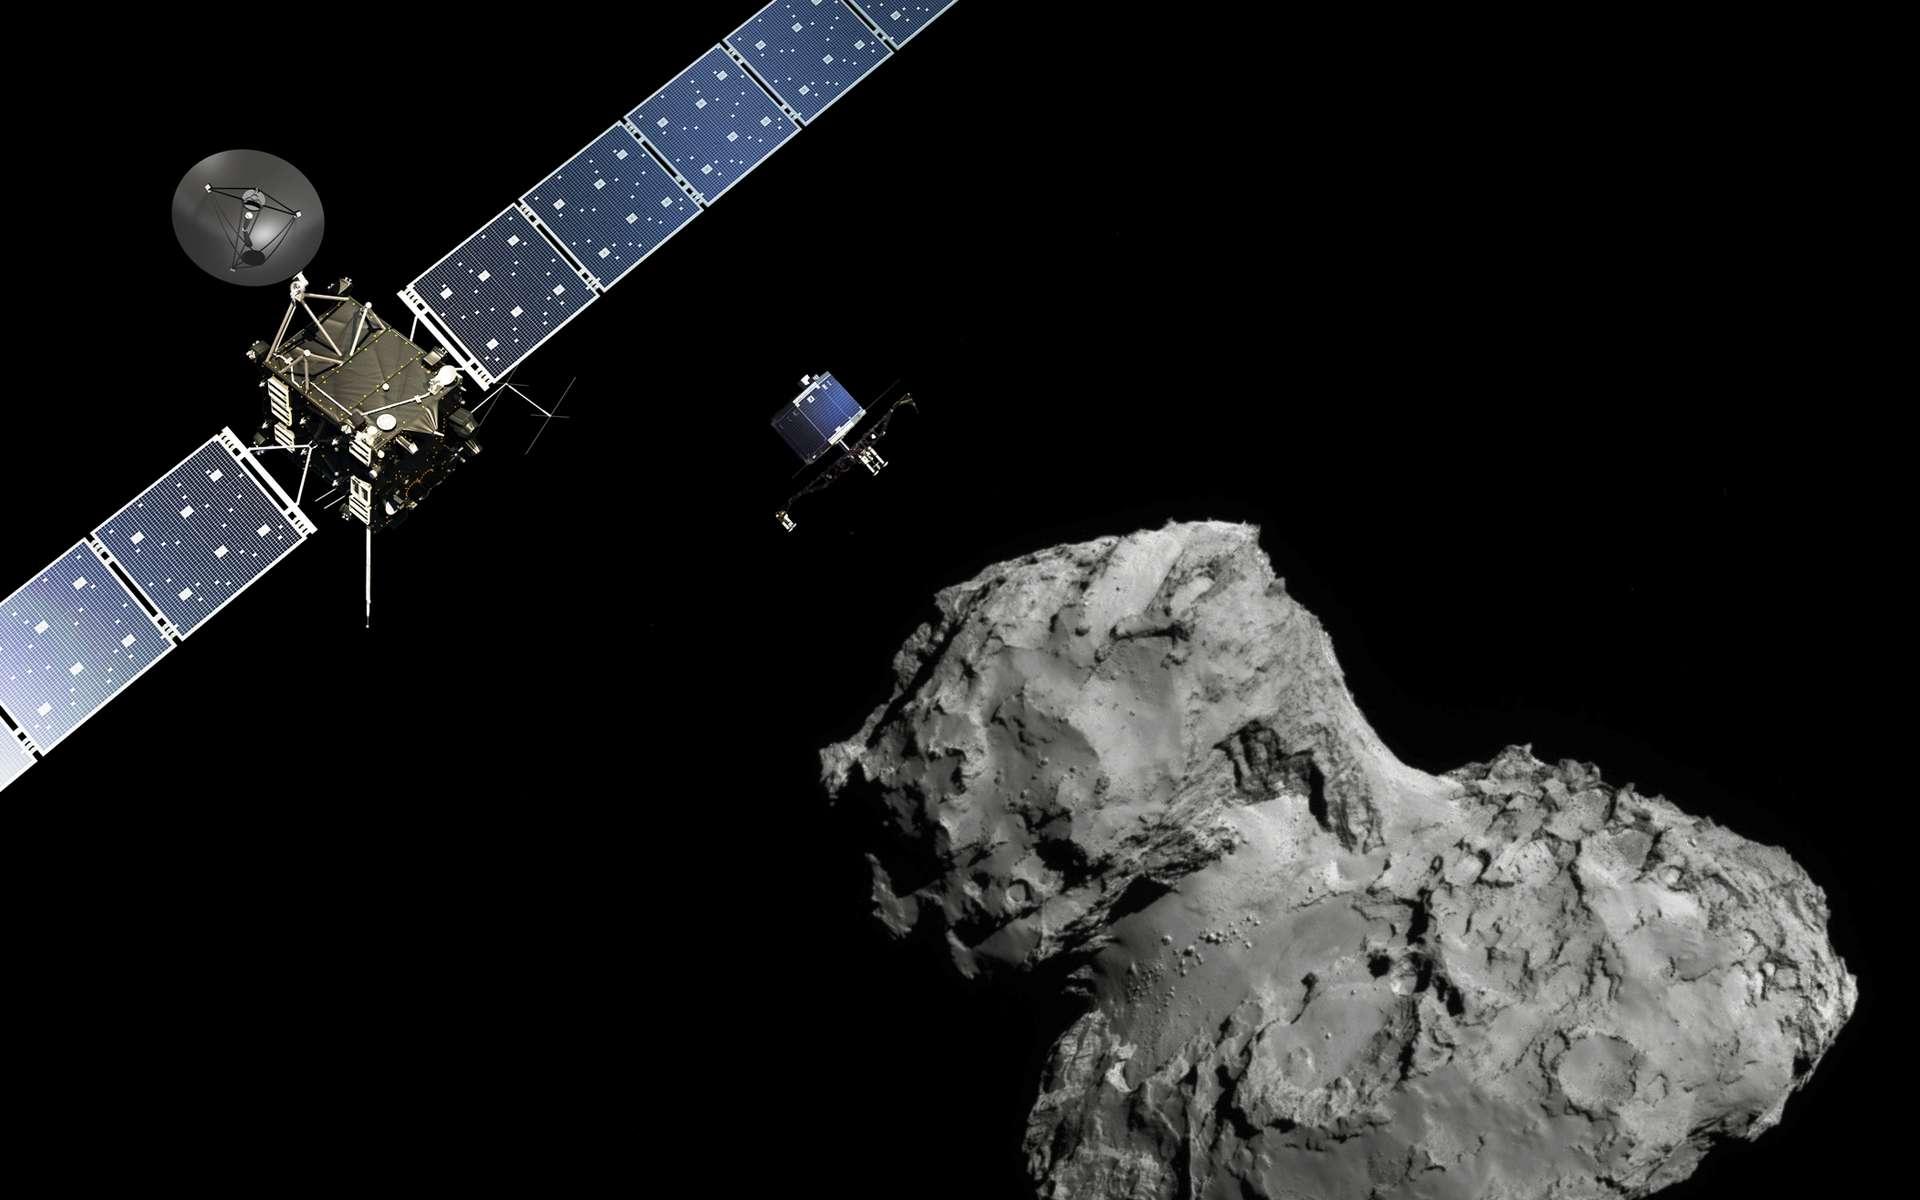 Une vue d'artiste de la sonde Rosetta devant 67P/Churyumov–Gerasimenko. © ESA/ATG medialab - image de la comète : ESA/Rosetta/Navcam